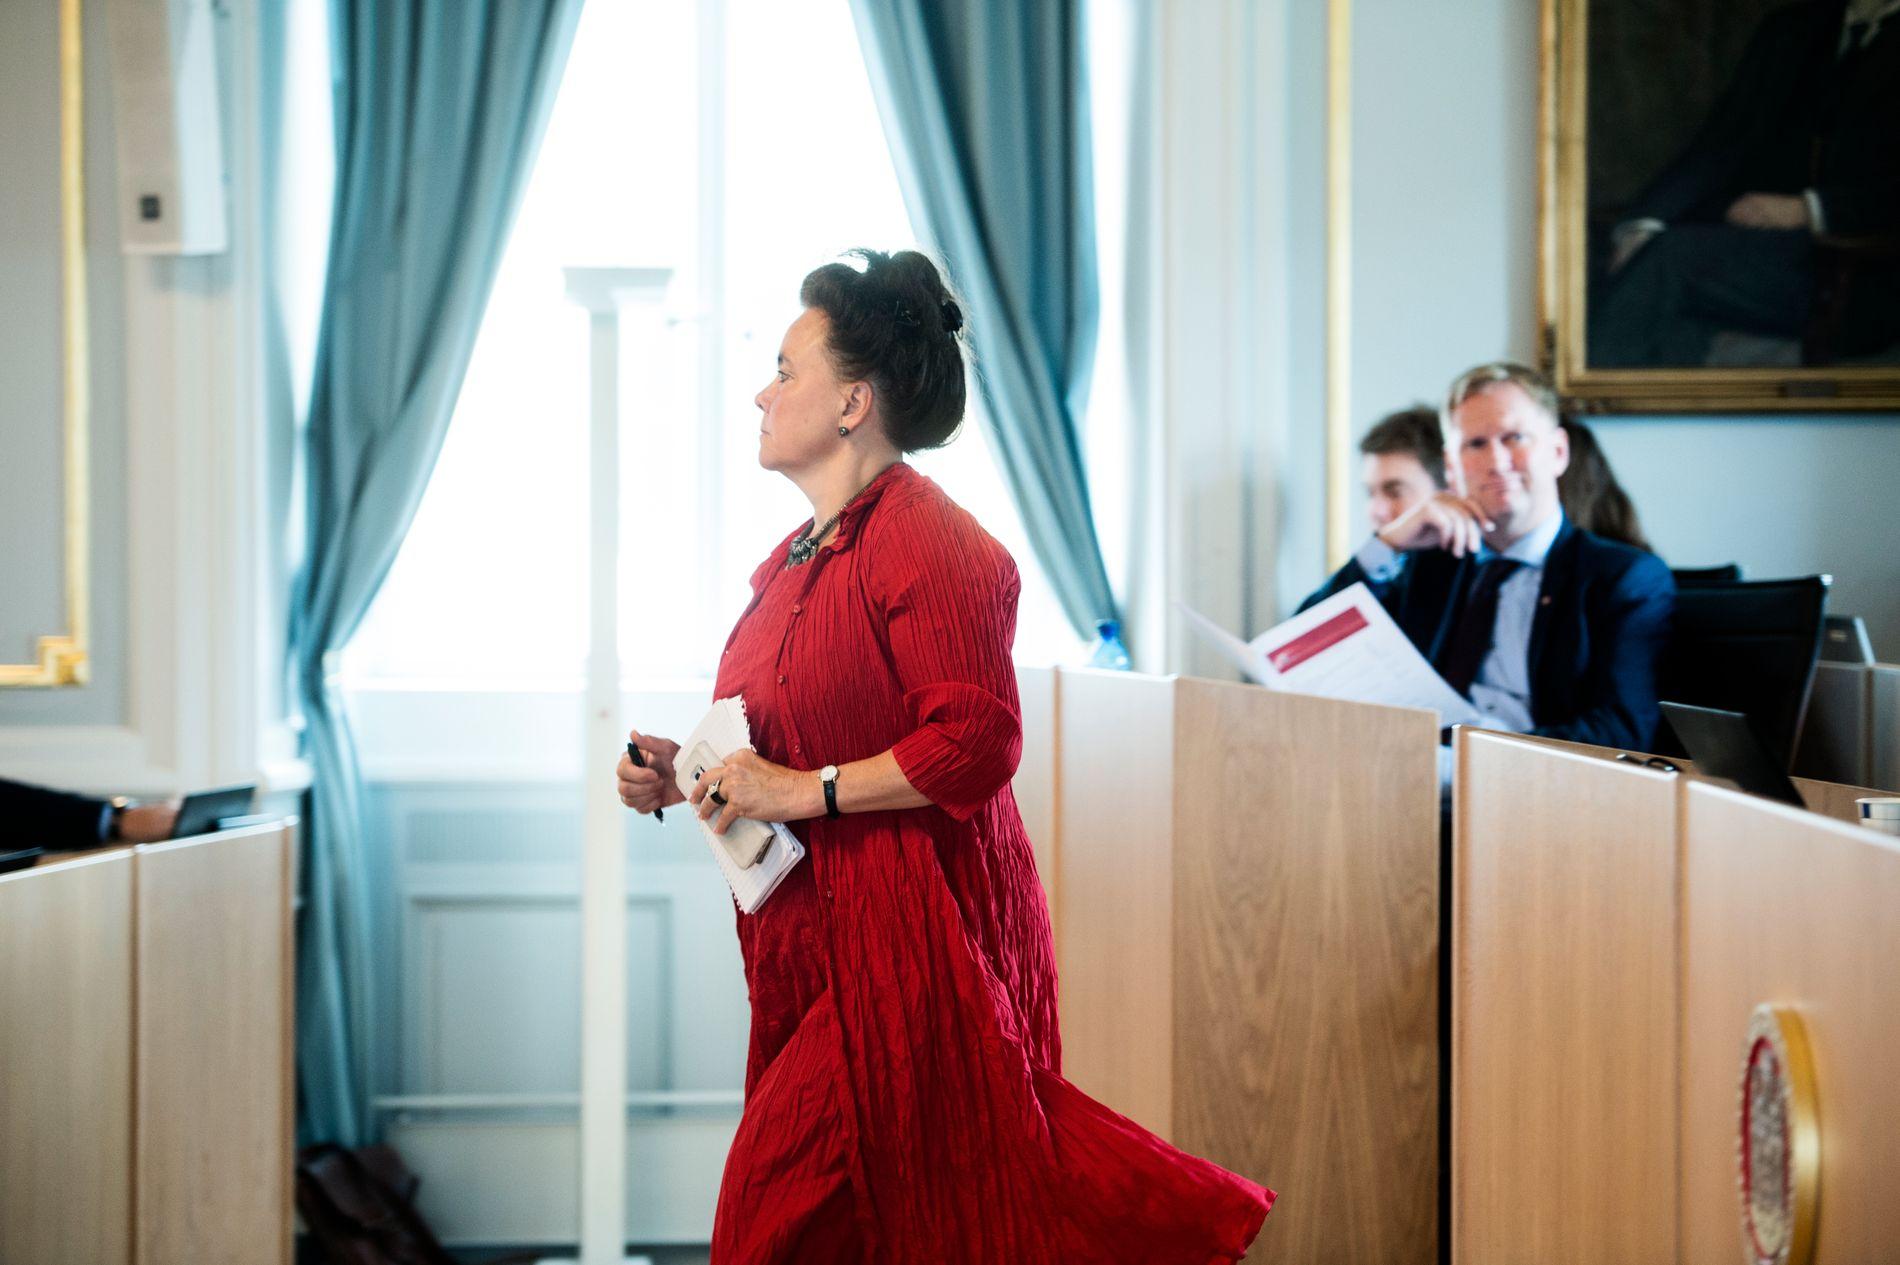 STRENG POLITIKK: Byutviklingsbyråd Anna Elisa Tryti (Ap) og byrådsleder Harald Schjelderup (Ap) står for en streng fortettingspolitikk, mener innsenderen.